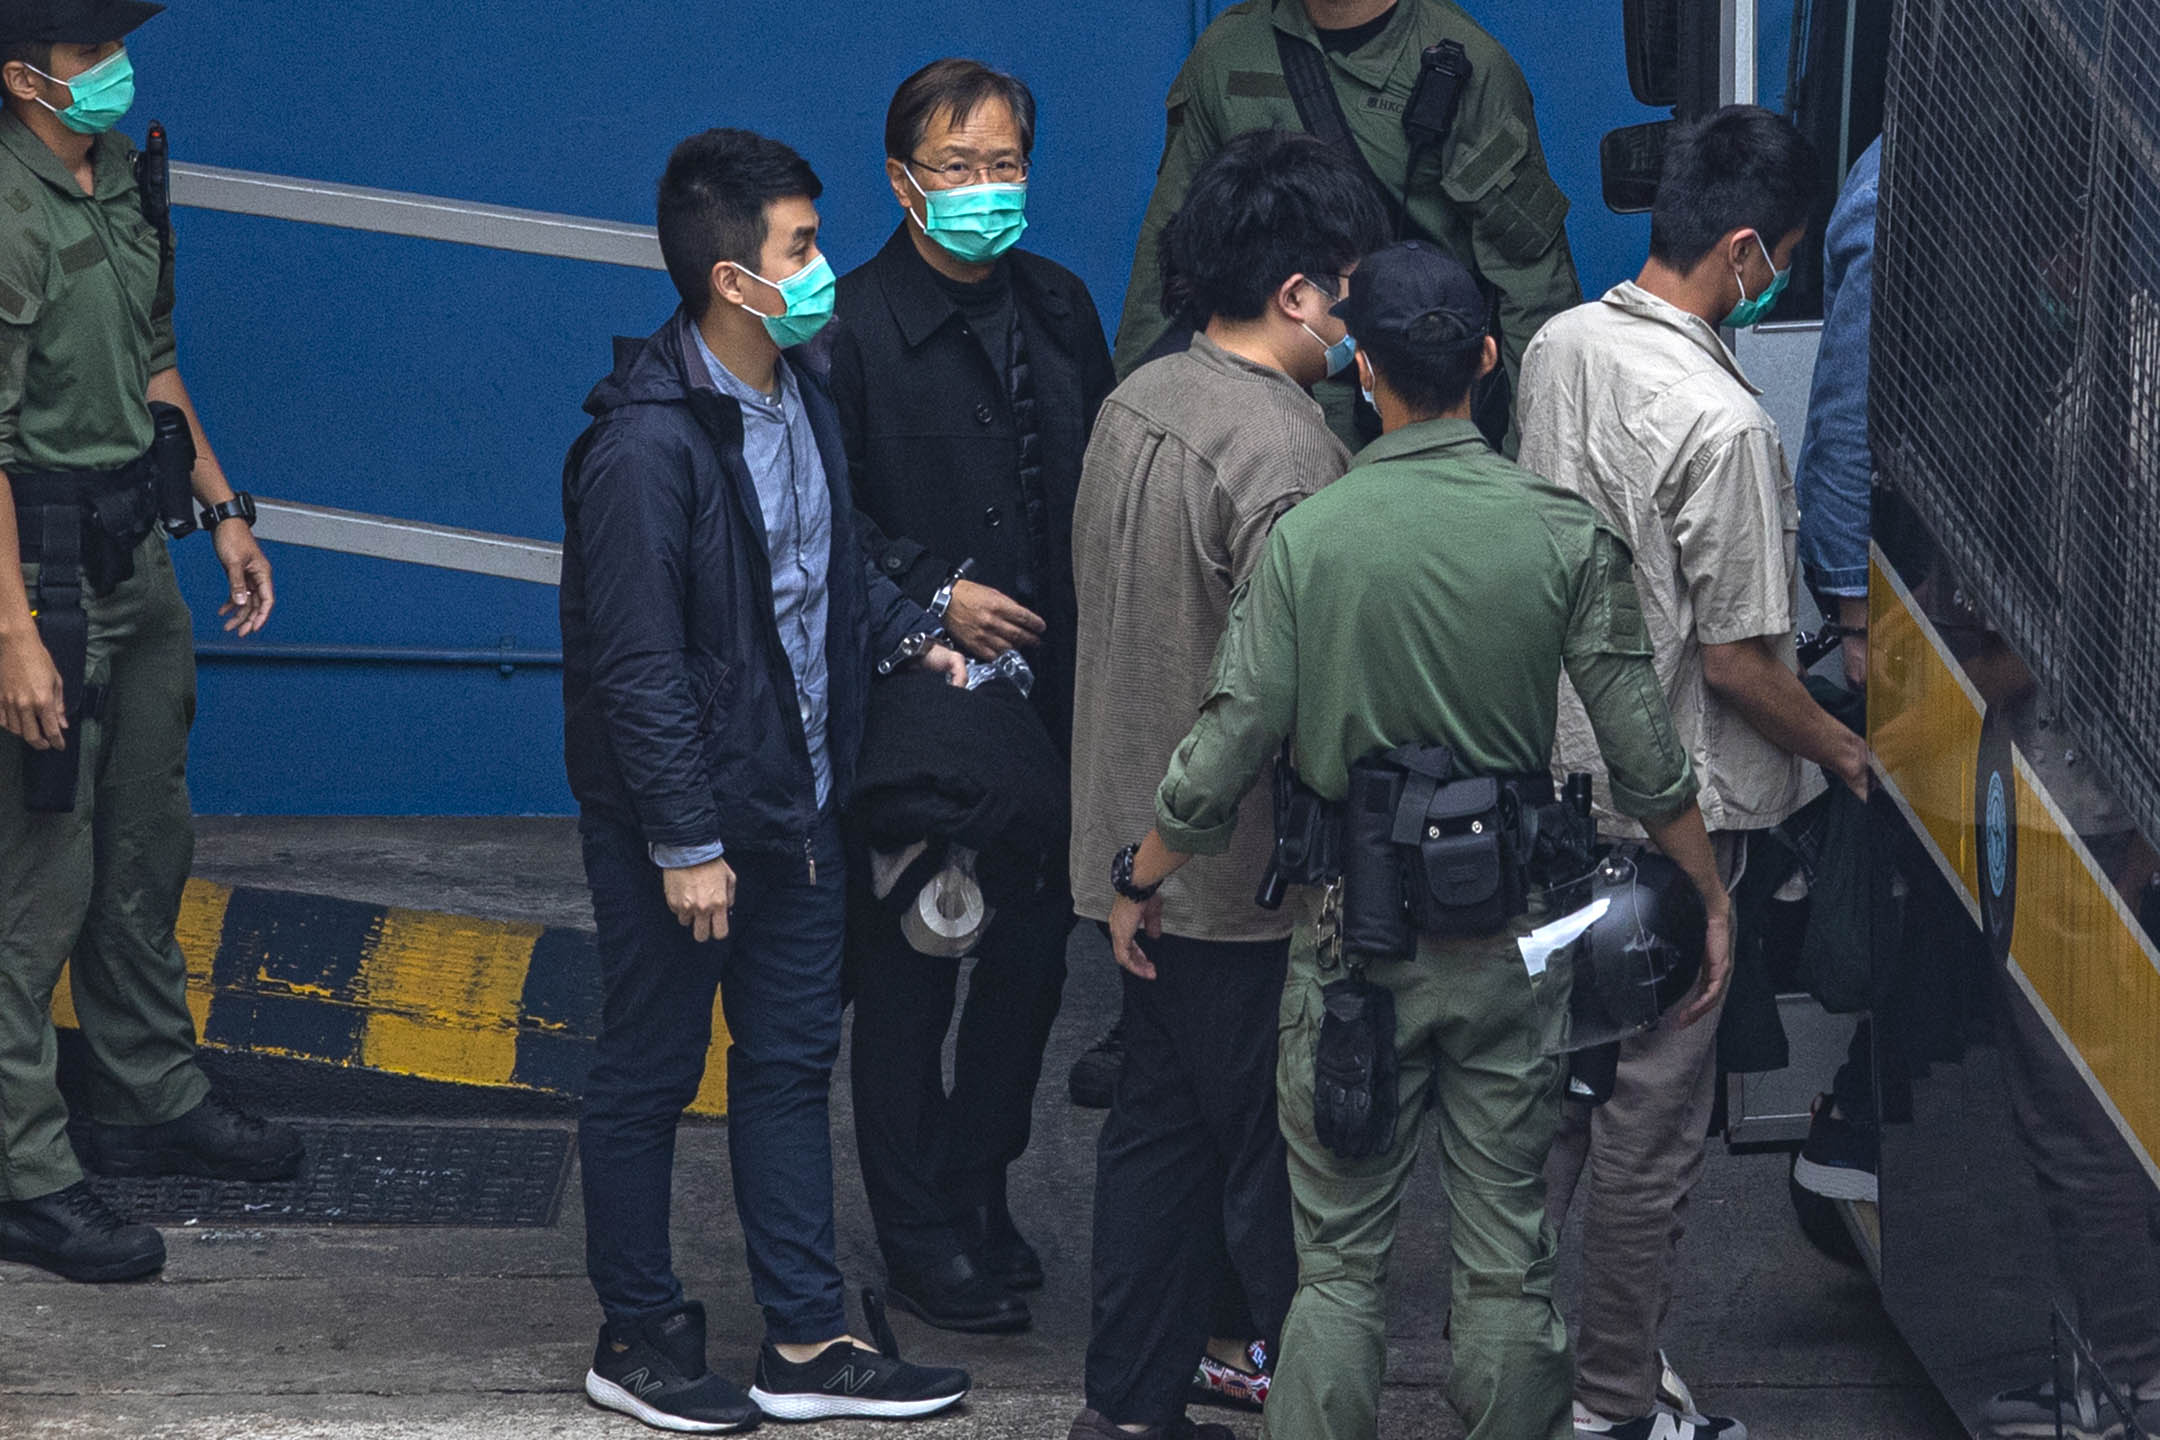 2021年3月3日荔枝角收押所,公民黨郭家麒和李予信步上囚車前往西九裁判法院。